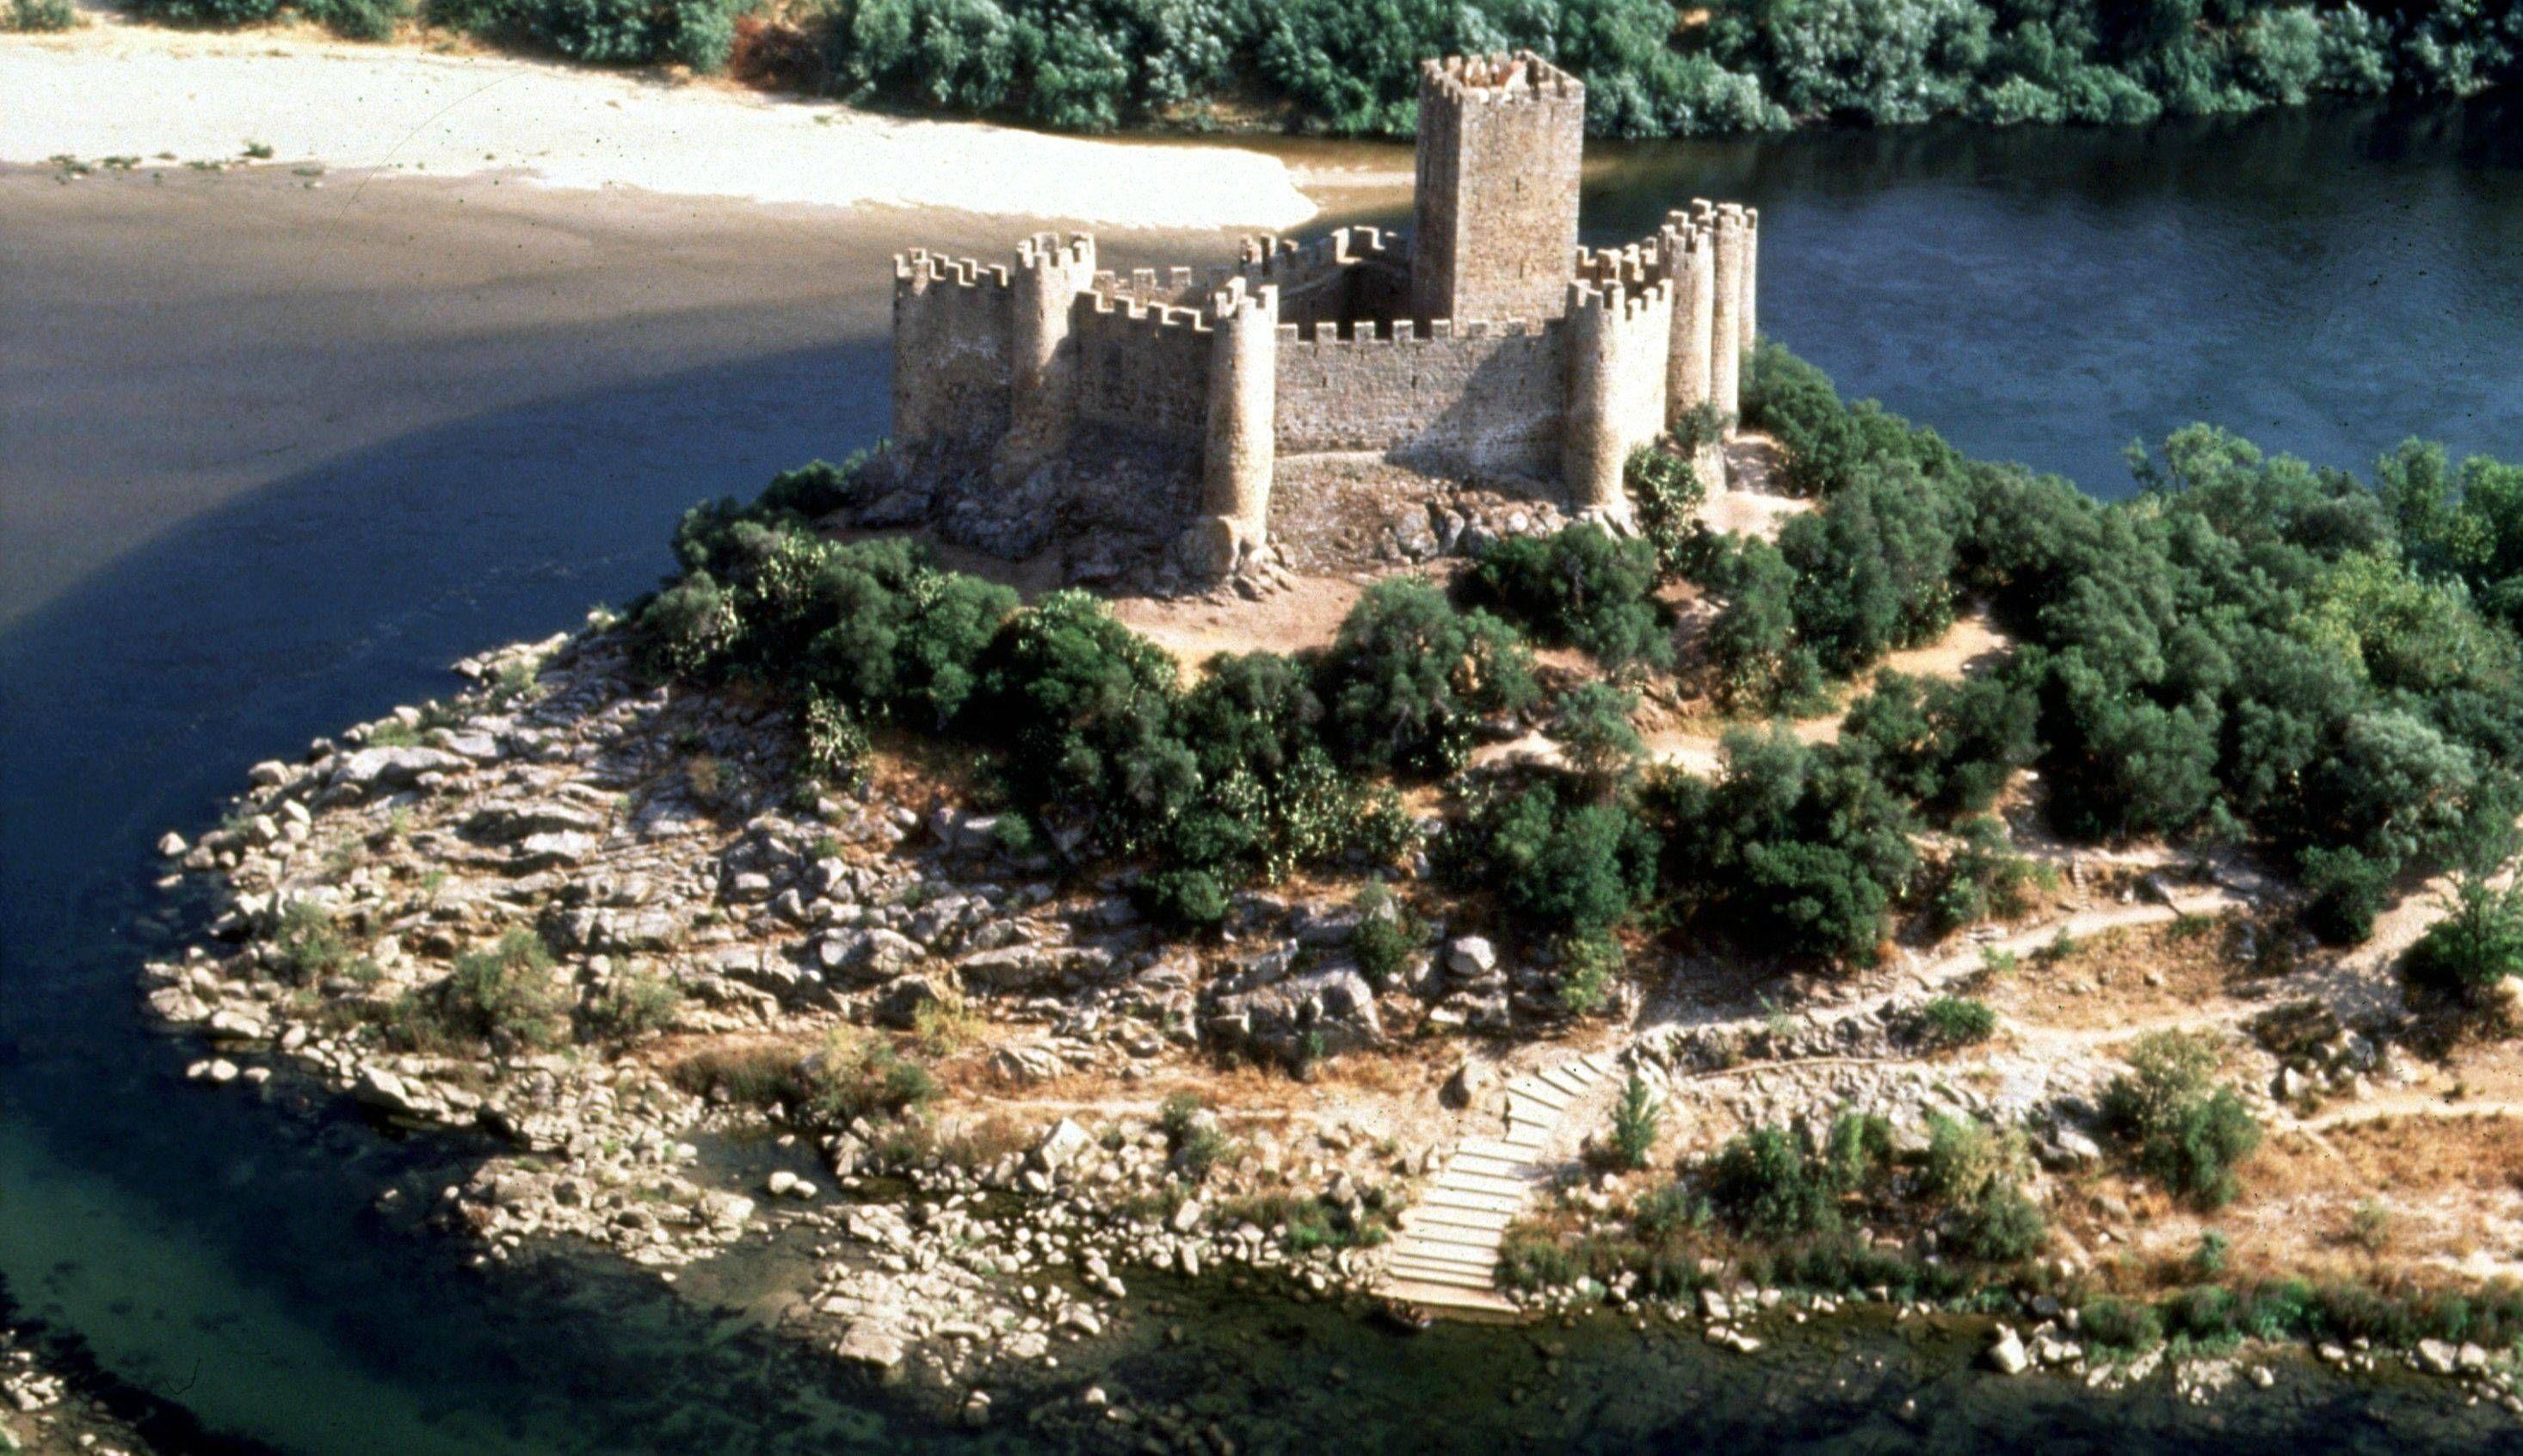 ป กพ นโดย Castlehunting ใน Places To Visit